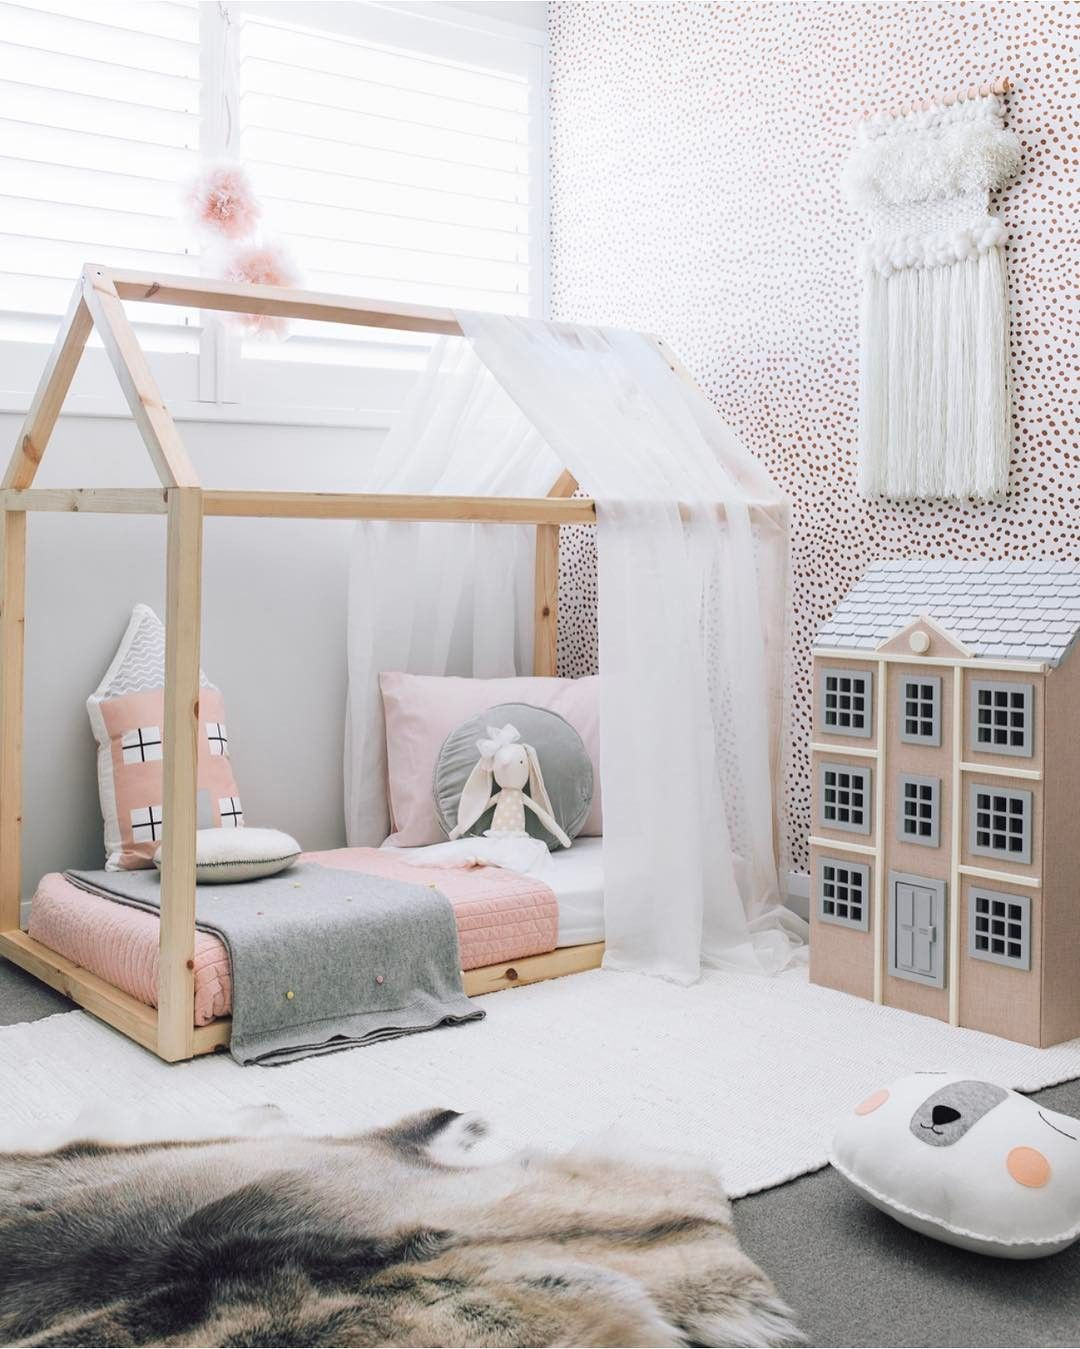 Epingle Par Vikki Taylor Sur Home Sweet Home Chambre Enfant Lit